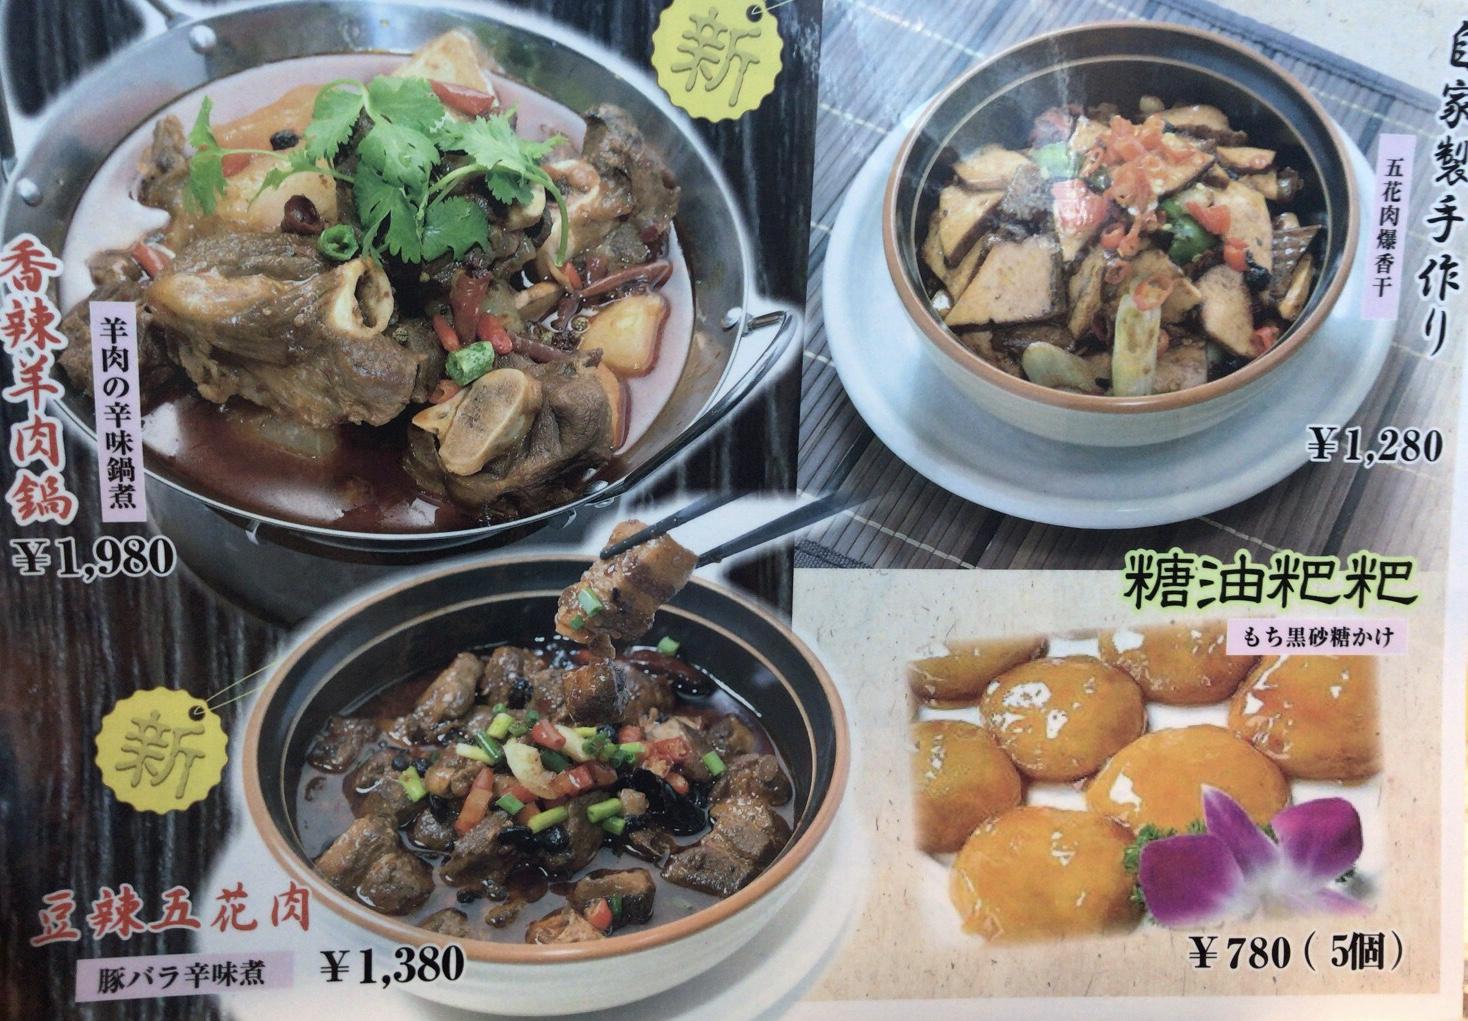 激辛料理 東京池袋 品品香